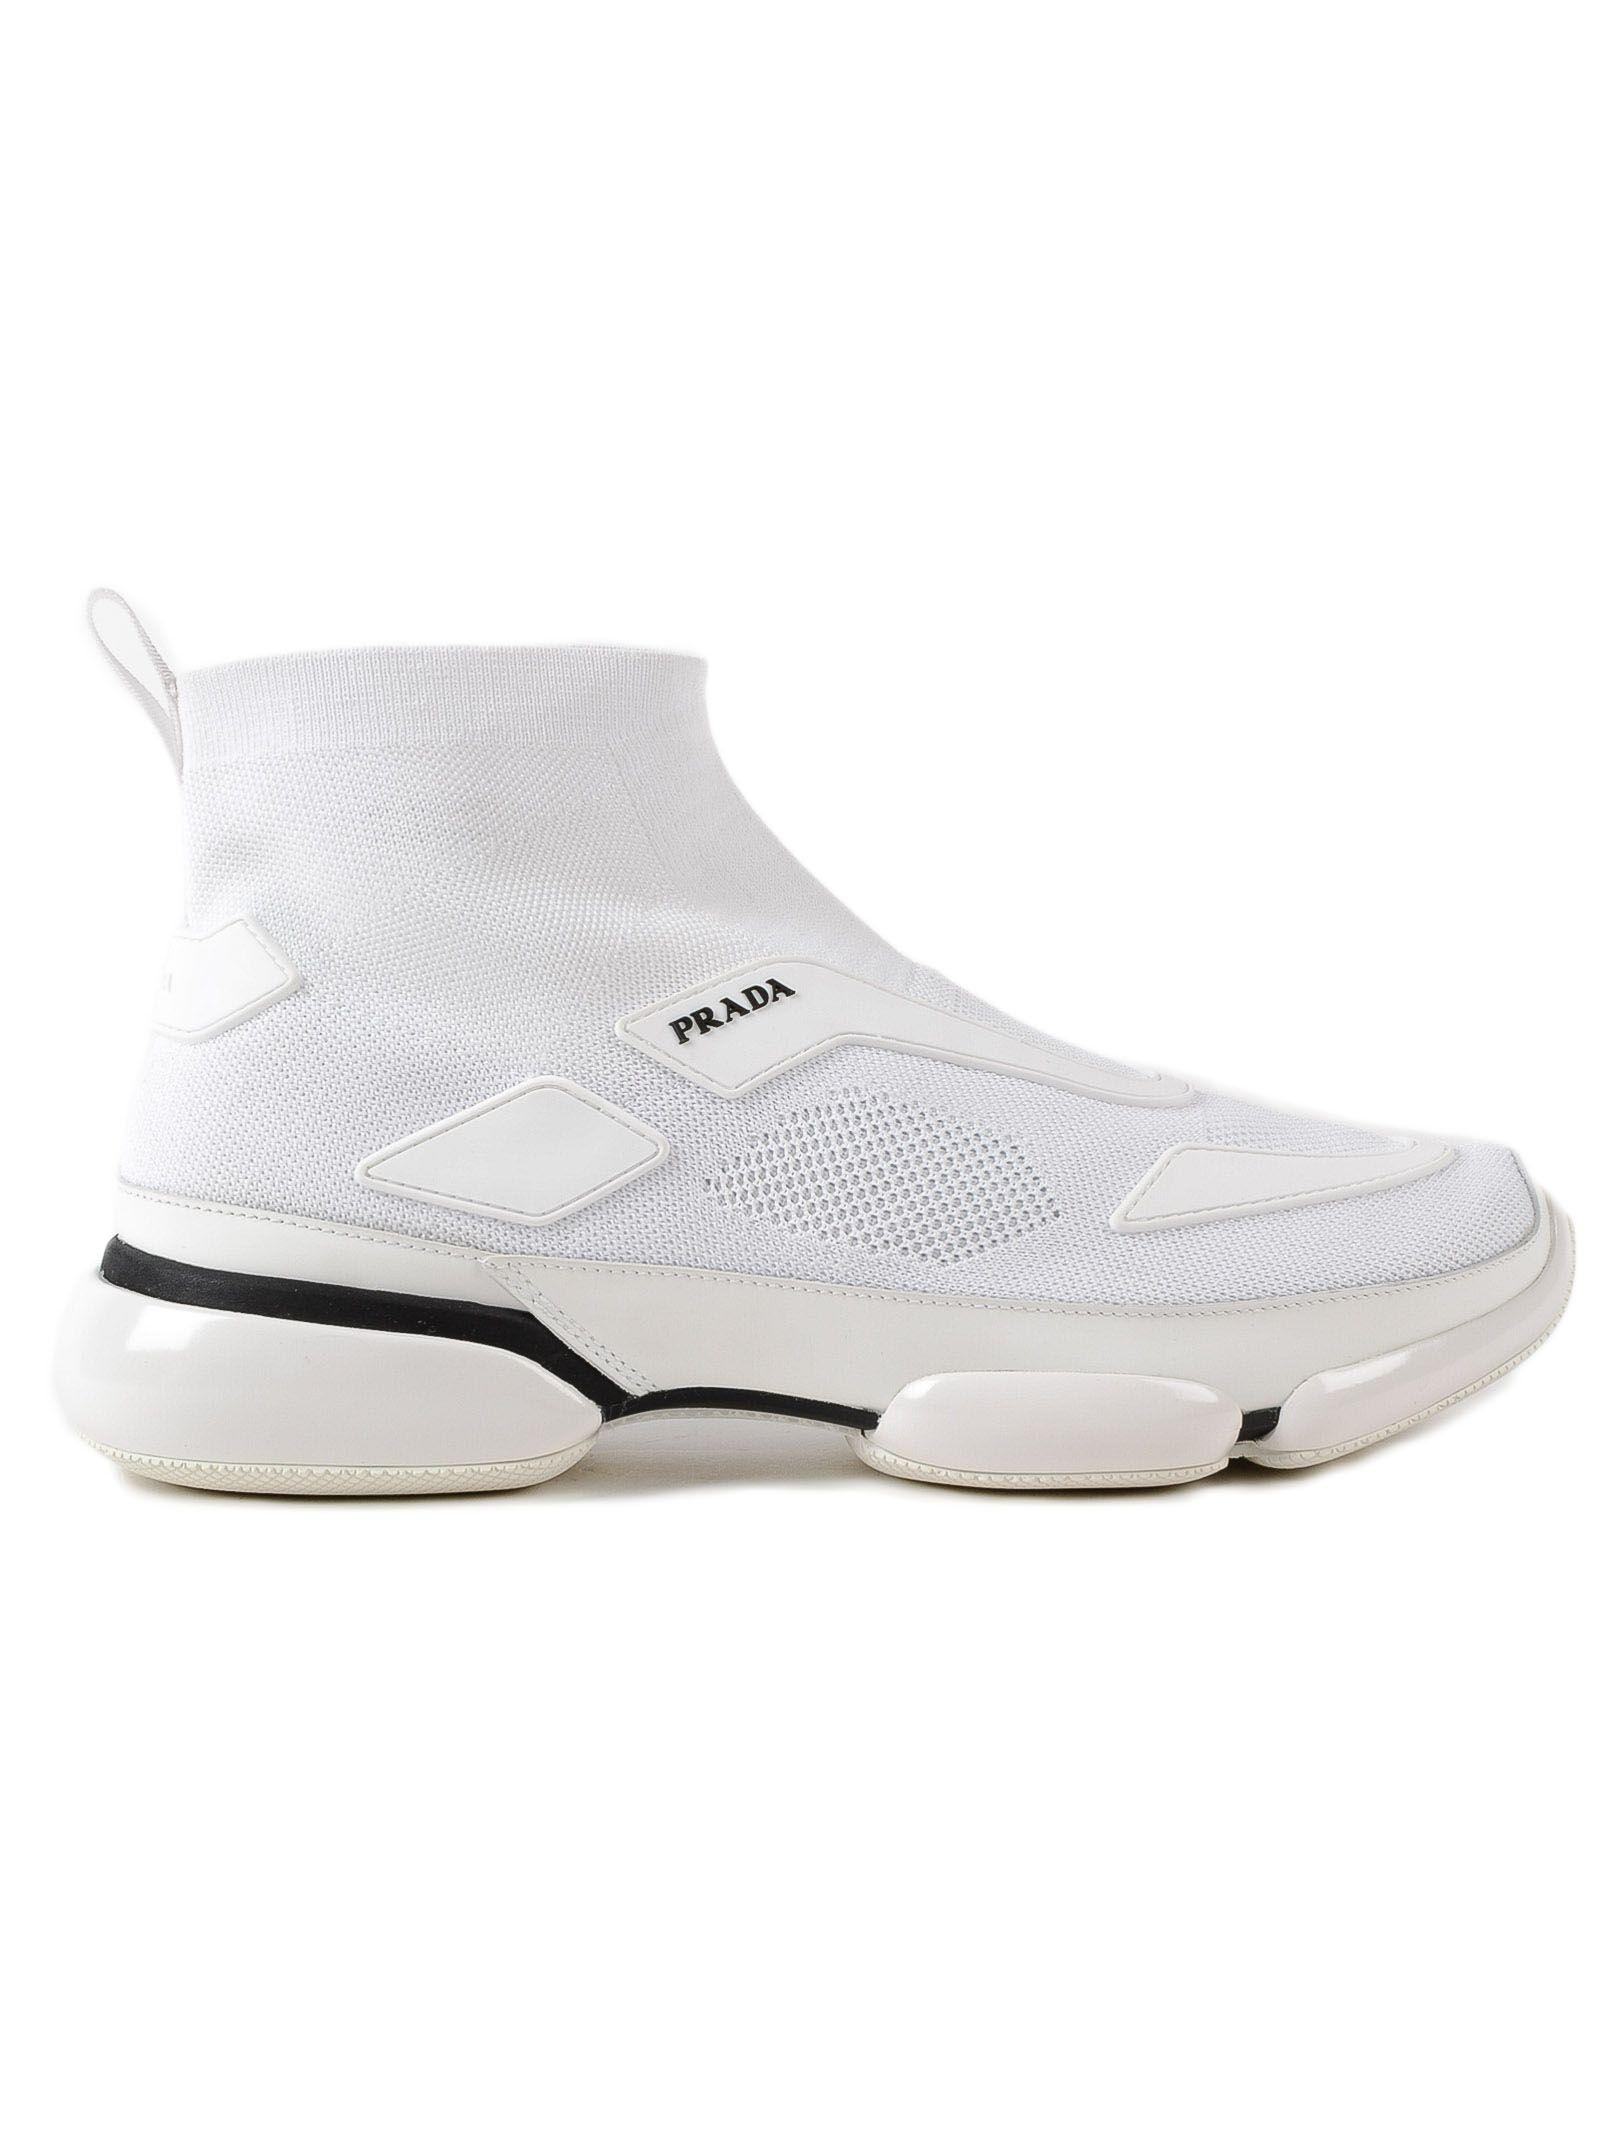 e1f43c3e6ef7 Prada Men s Cloudbust Knit Sport High-Top Sneakers